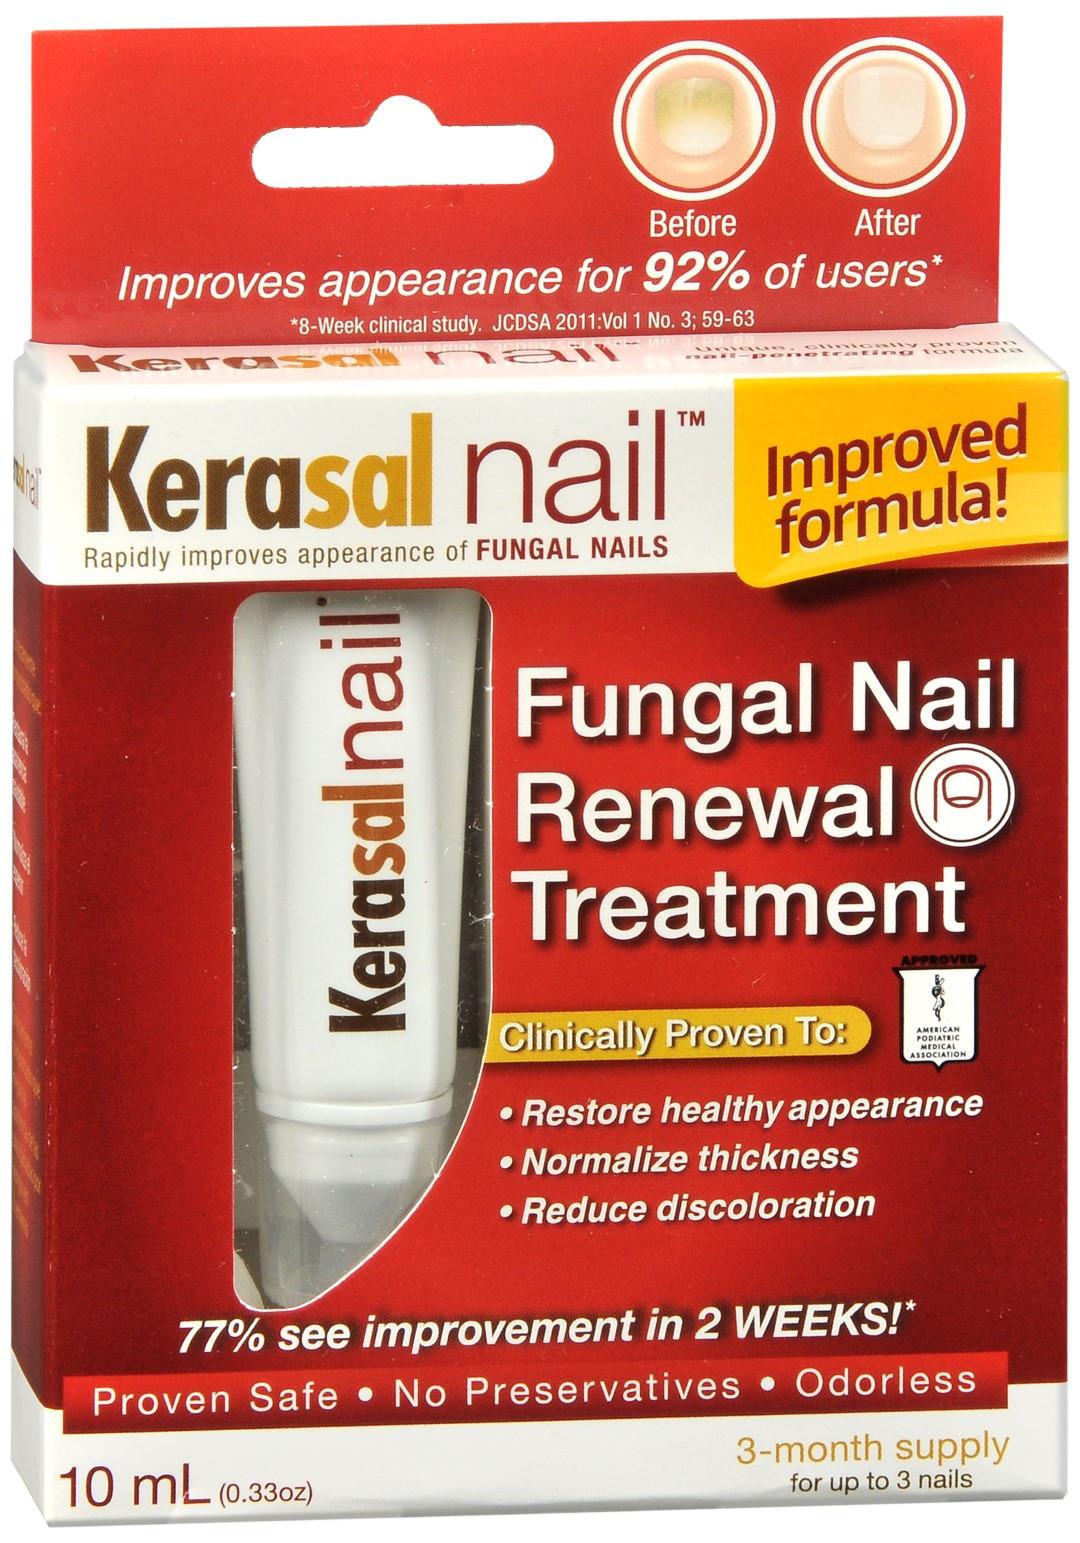 Kerasal Nail Fungal Nail Renewal Treatment | Asti\'s South Hills Pharmacy